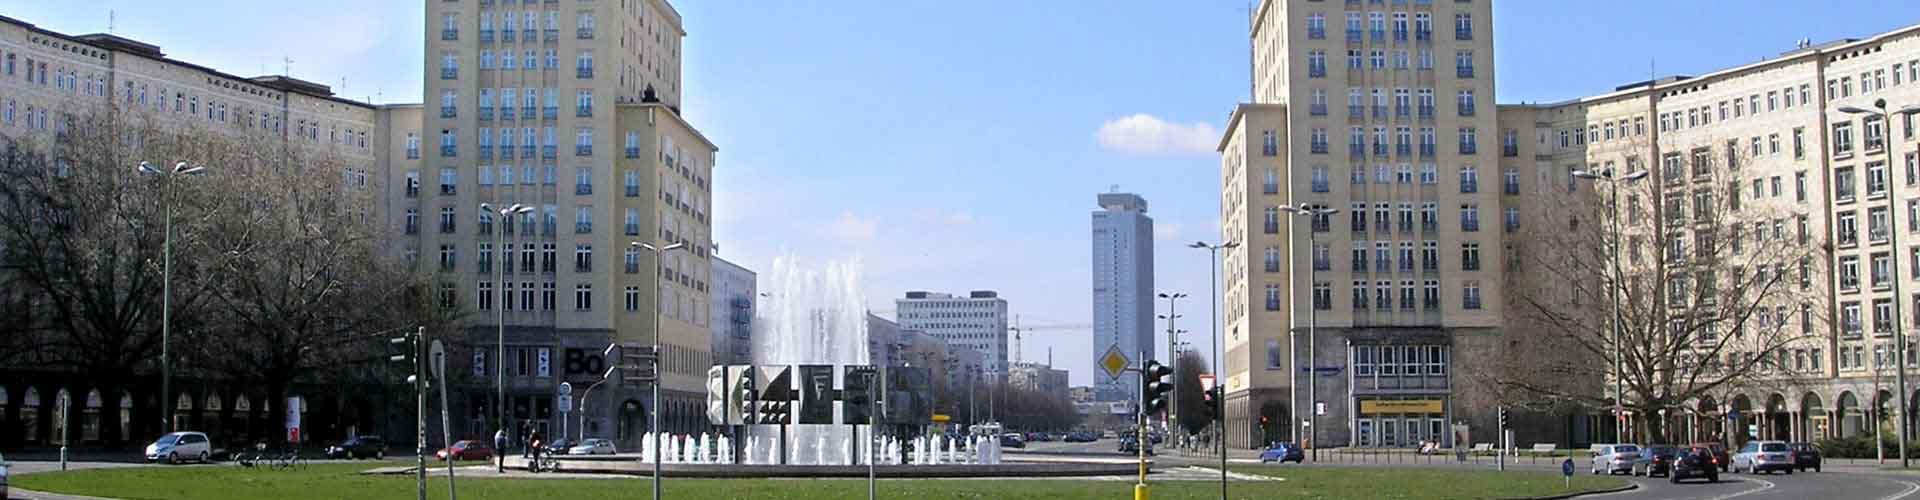 Berlín - Hostelů v blízkosti Karl-Marx-Allee. Mapy pro Berlín, fotky a recenze pro každý hostel v Berlín.